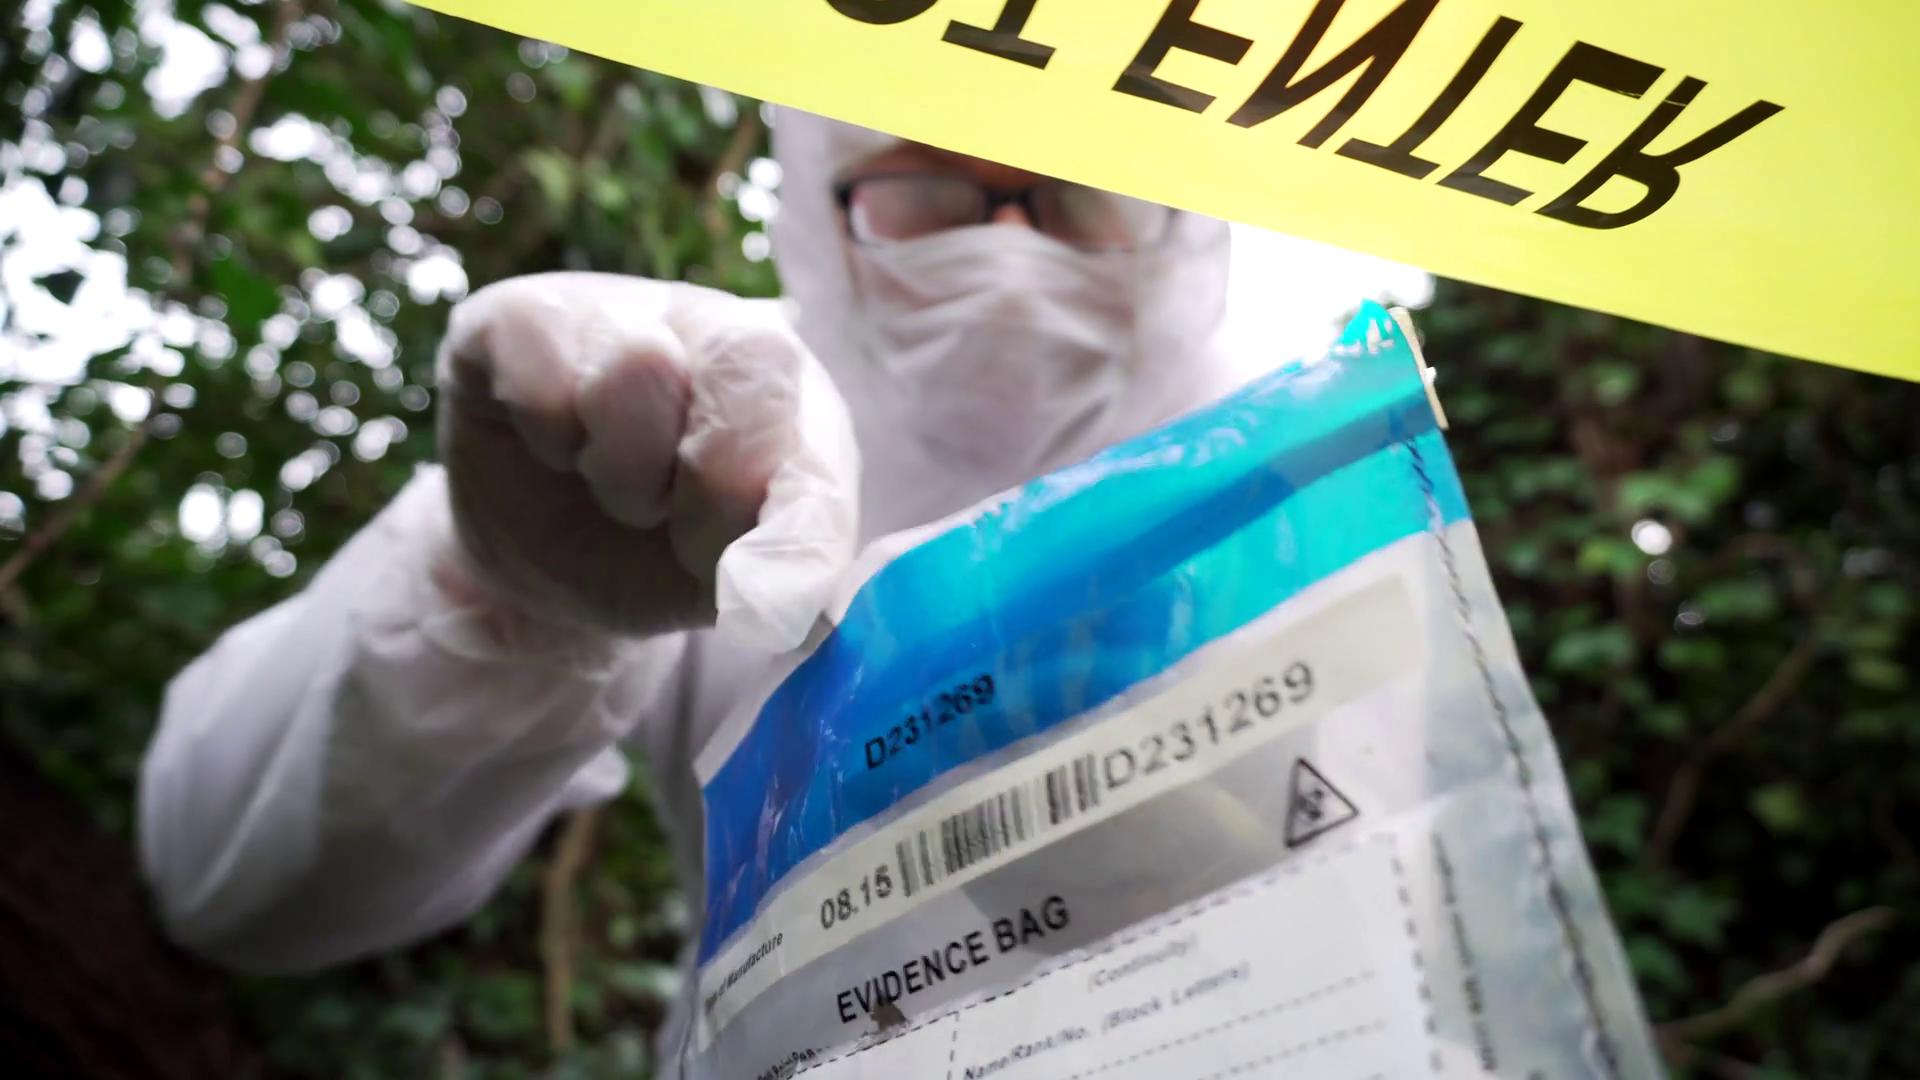 Công nghệ ADN - thứ đã khiến hàng loạt kẻ giết người sa lưới sau hàng chục năm sống nhởn nhơ ngoài vòng pháp luật - Ảnh 1.